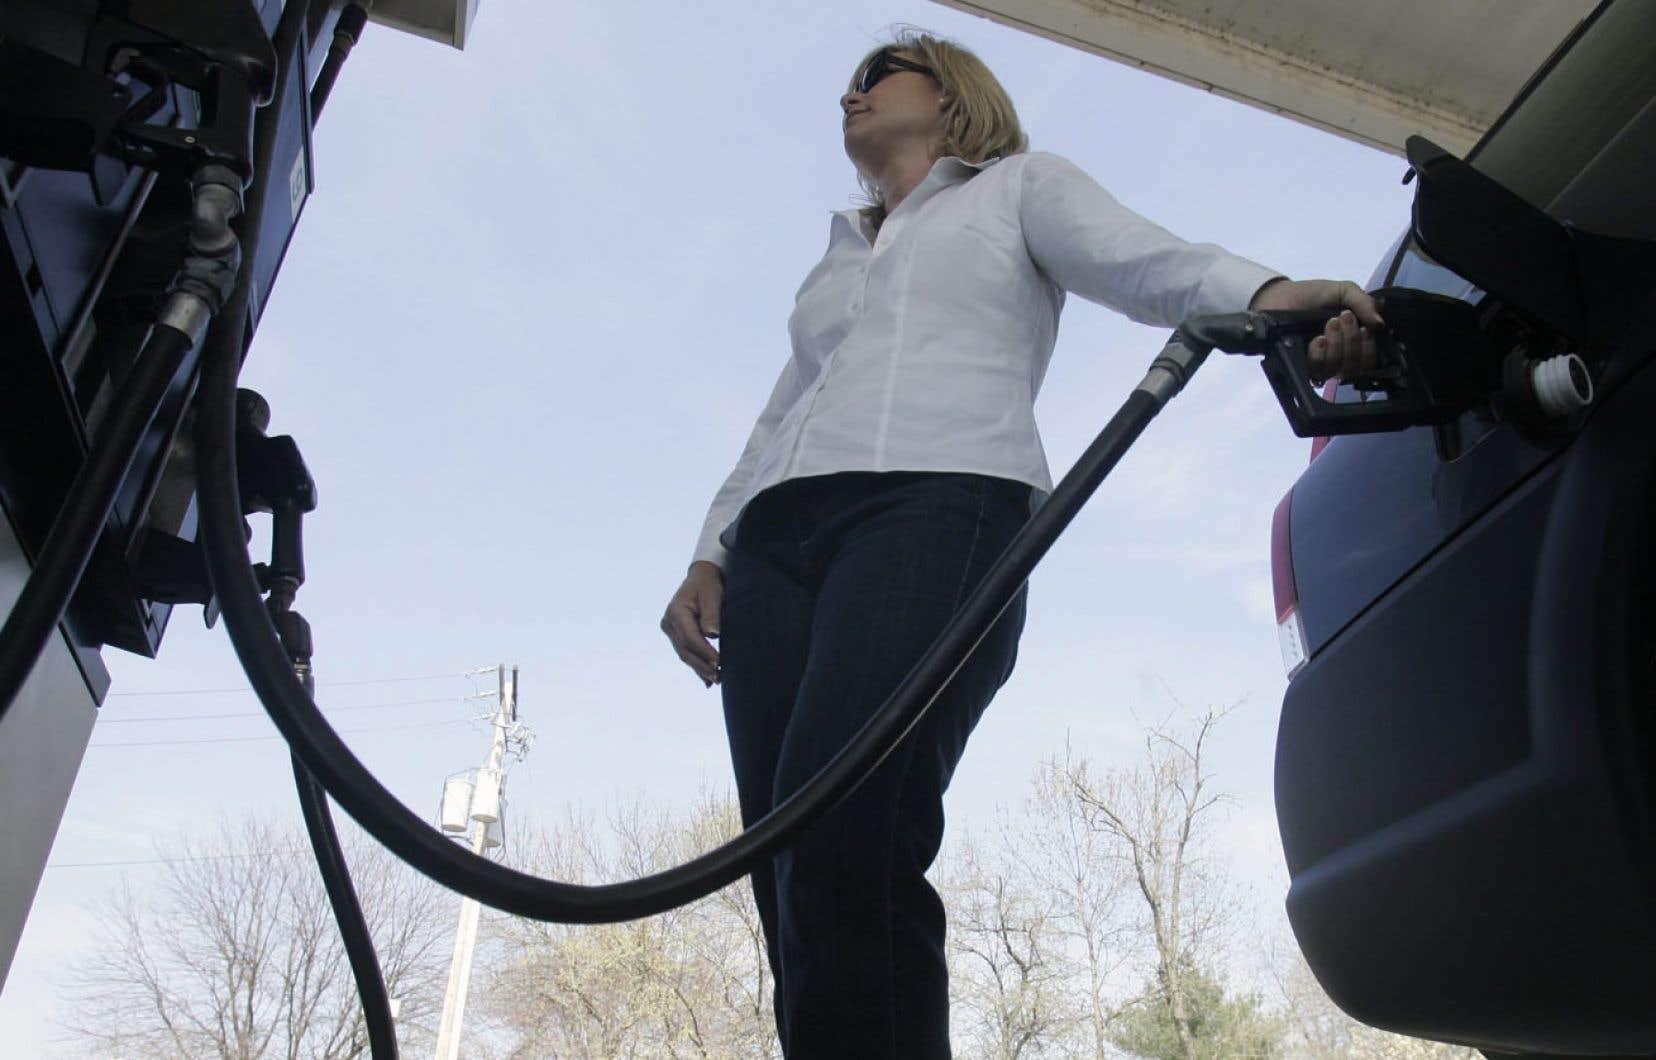 La pétrolière Hess a annoncé son intention de se départir de son réseau de vente au détail et Couche-Tard pourrait fort bien faire une offre.